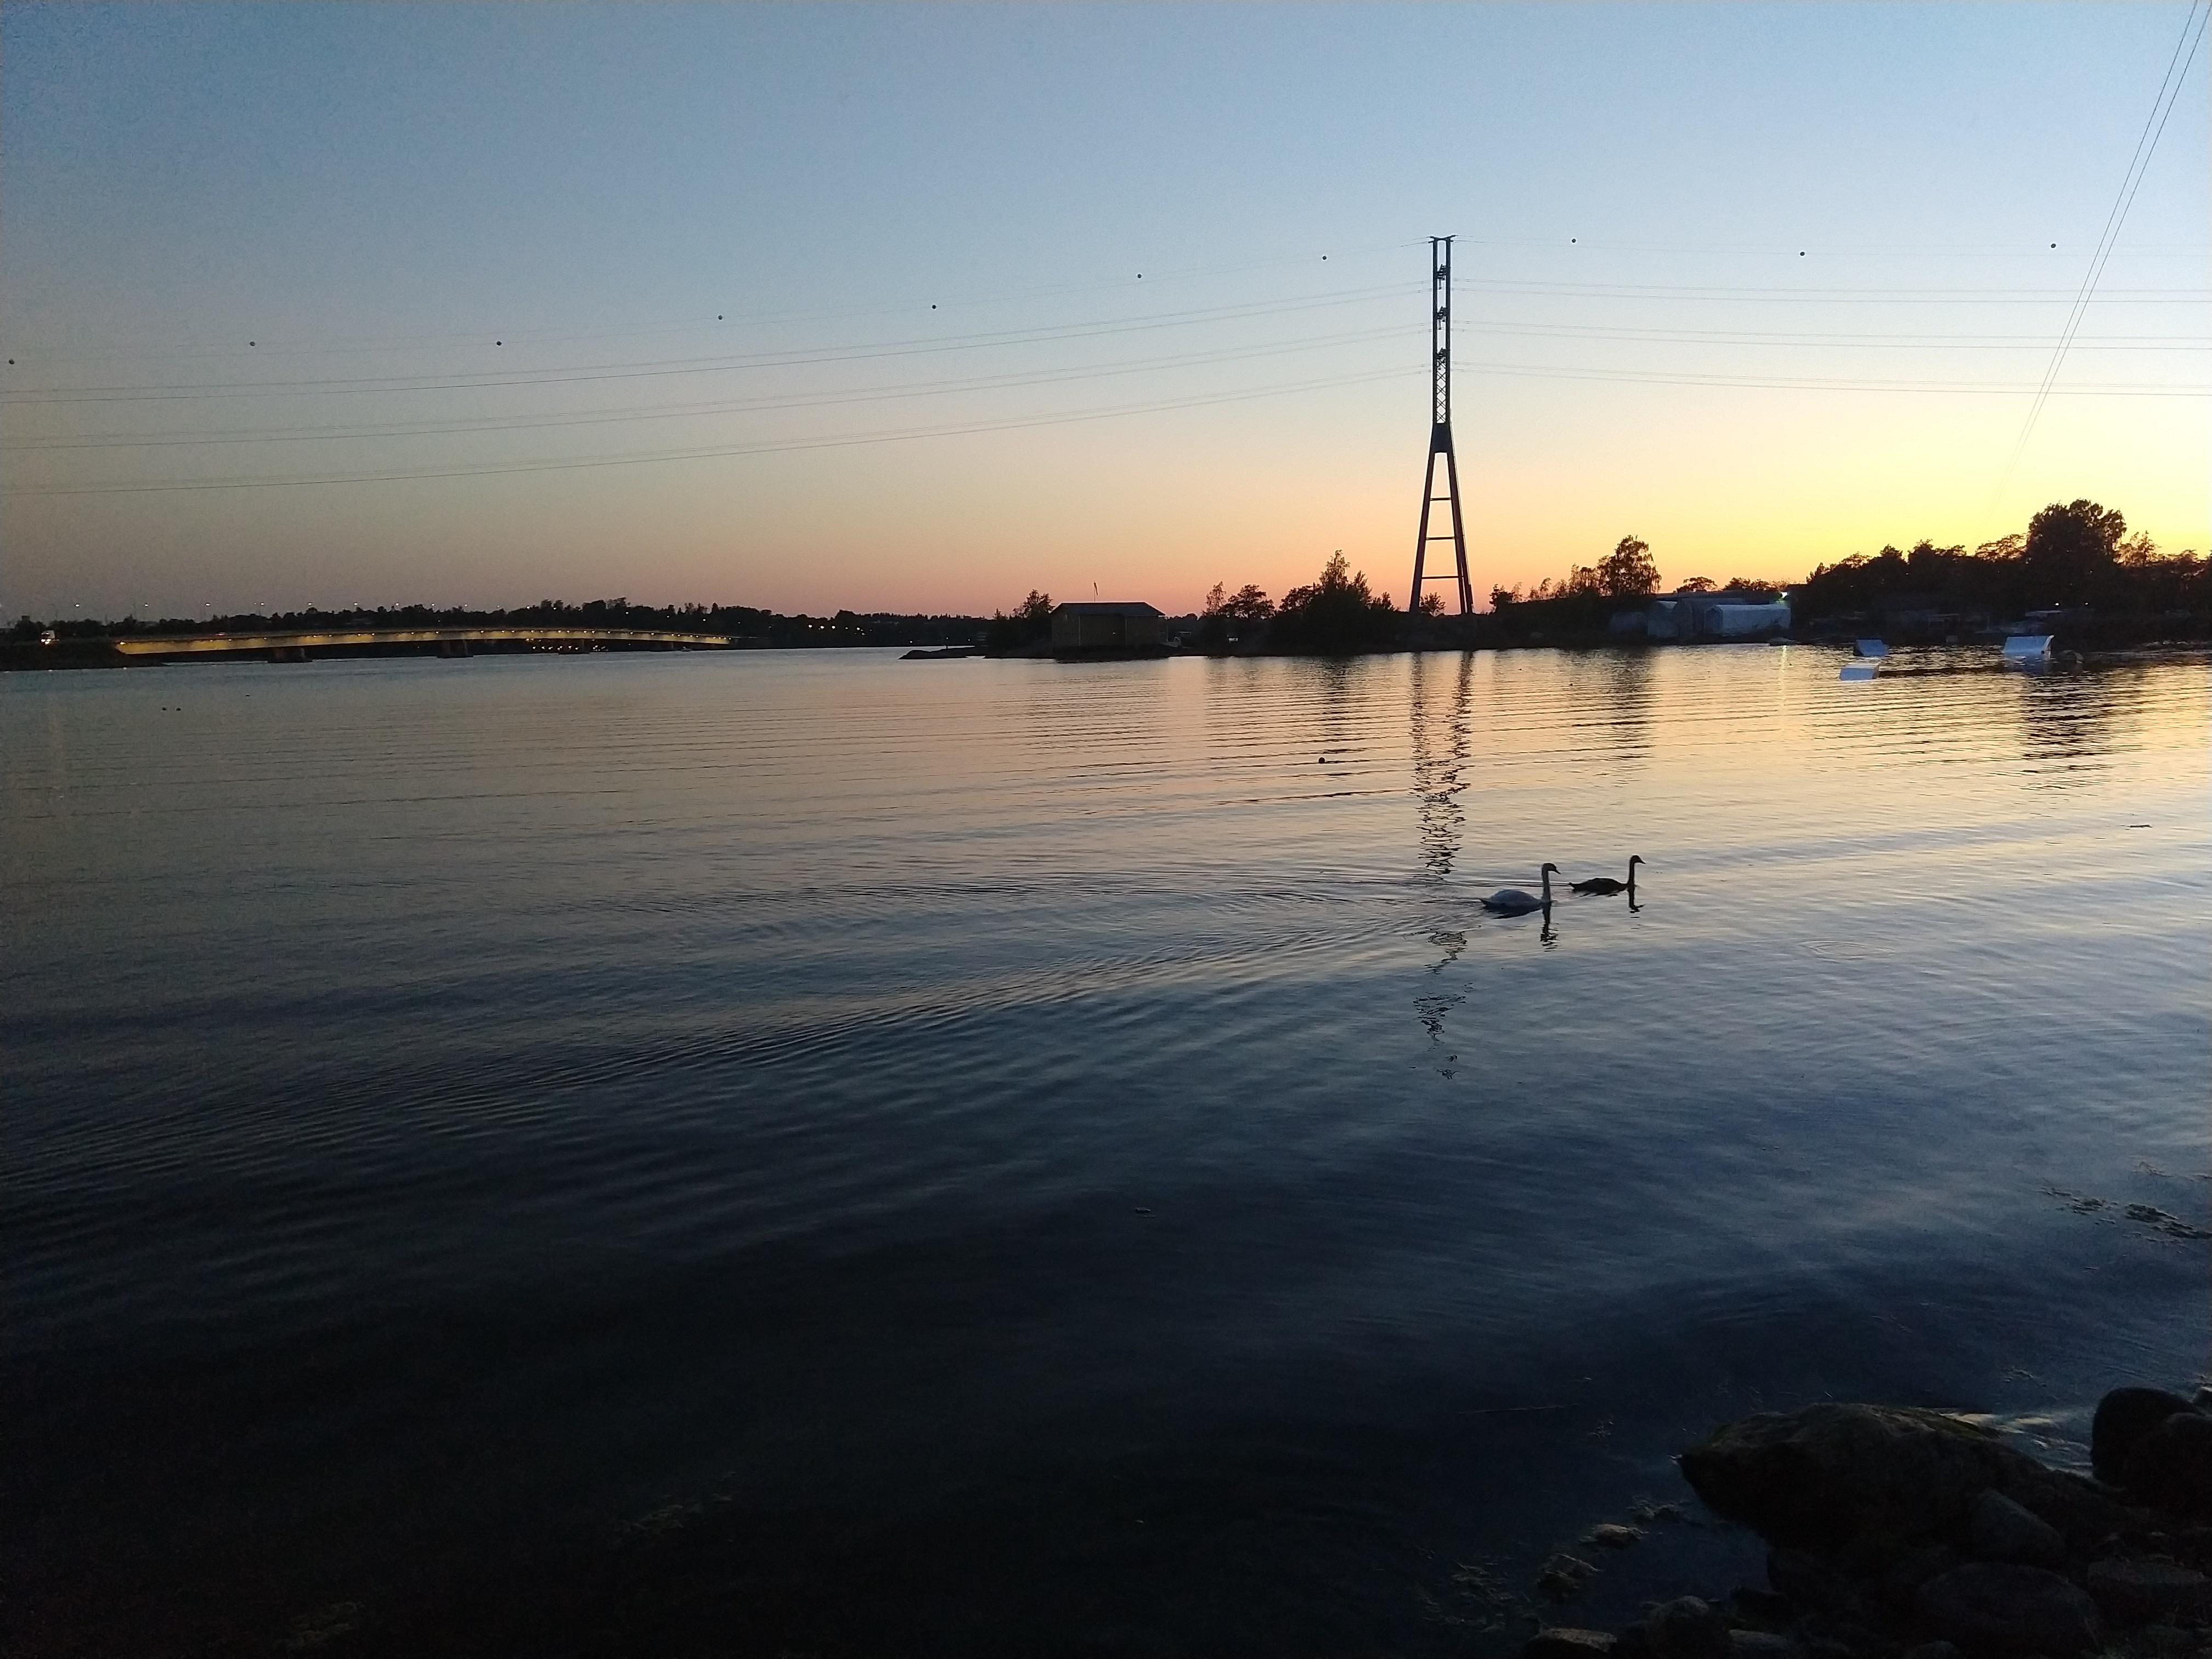 sunset_Helsinki_swans